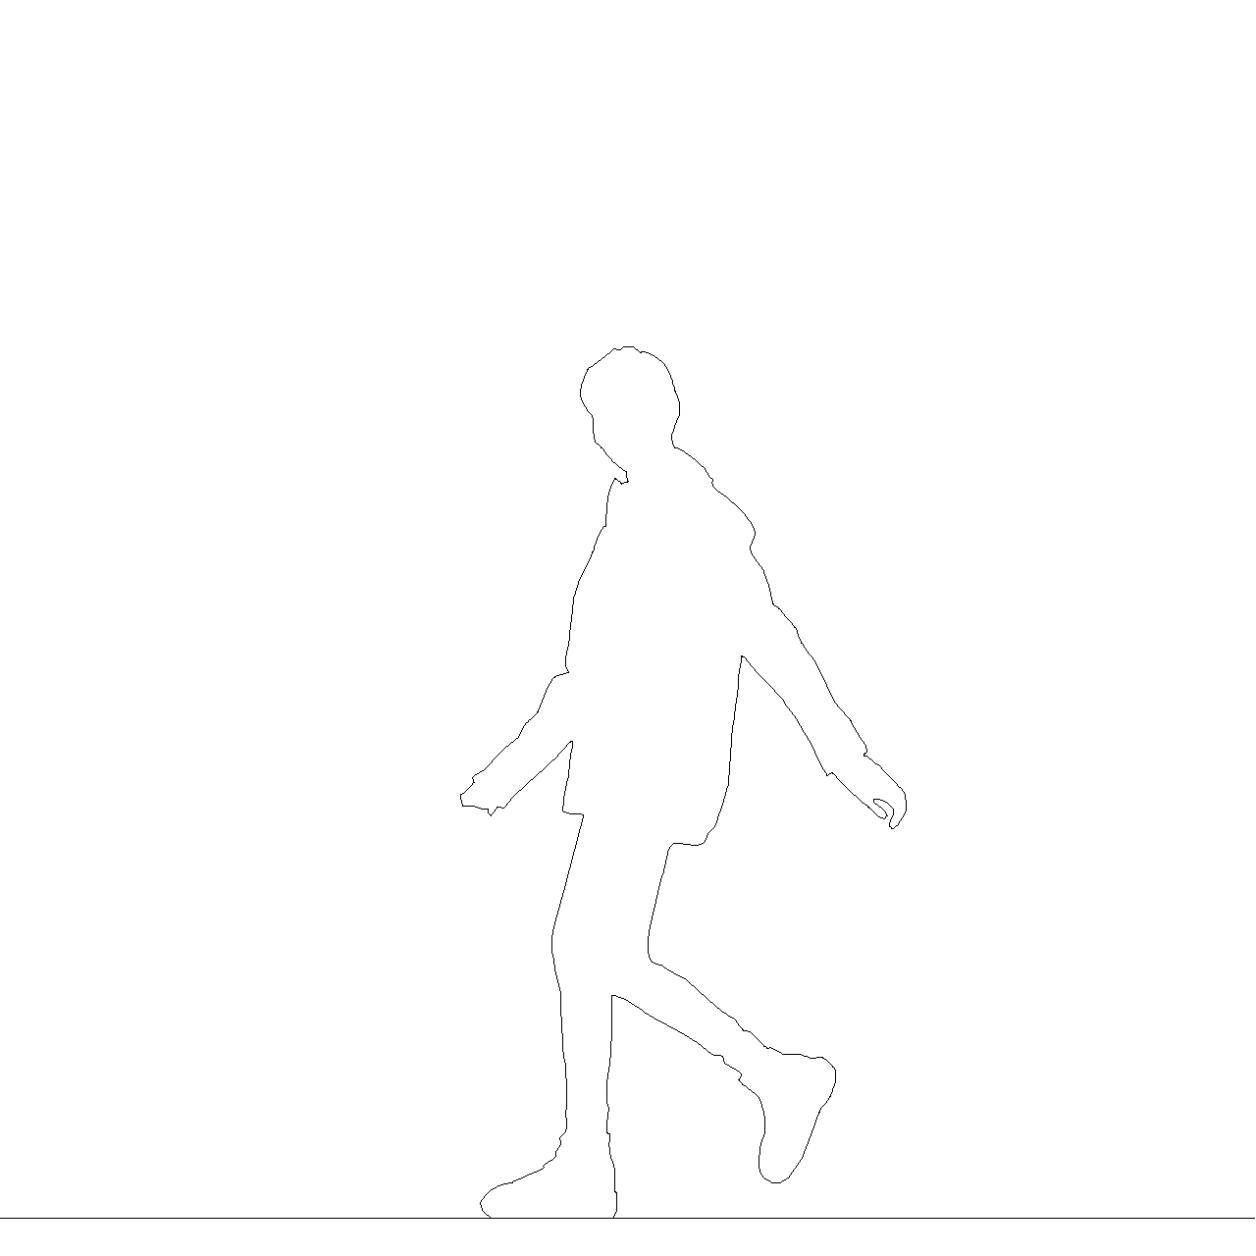 雨合羽を着た女性の2DCAD部品丨シルエット 人間 女性丨無料 商用可能 フリー素材 フリーデータ AUTOCAD DWG DXF